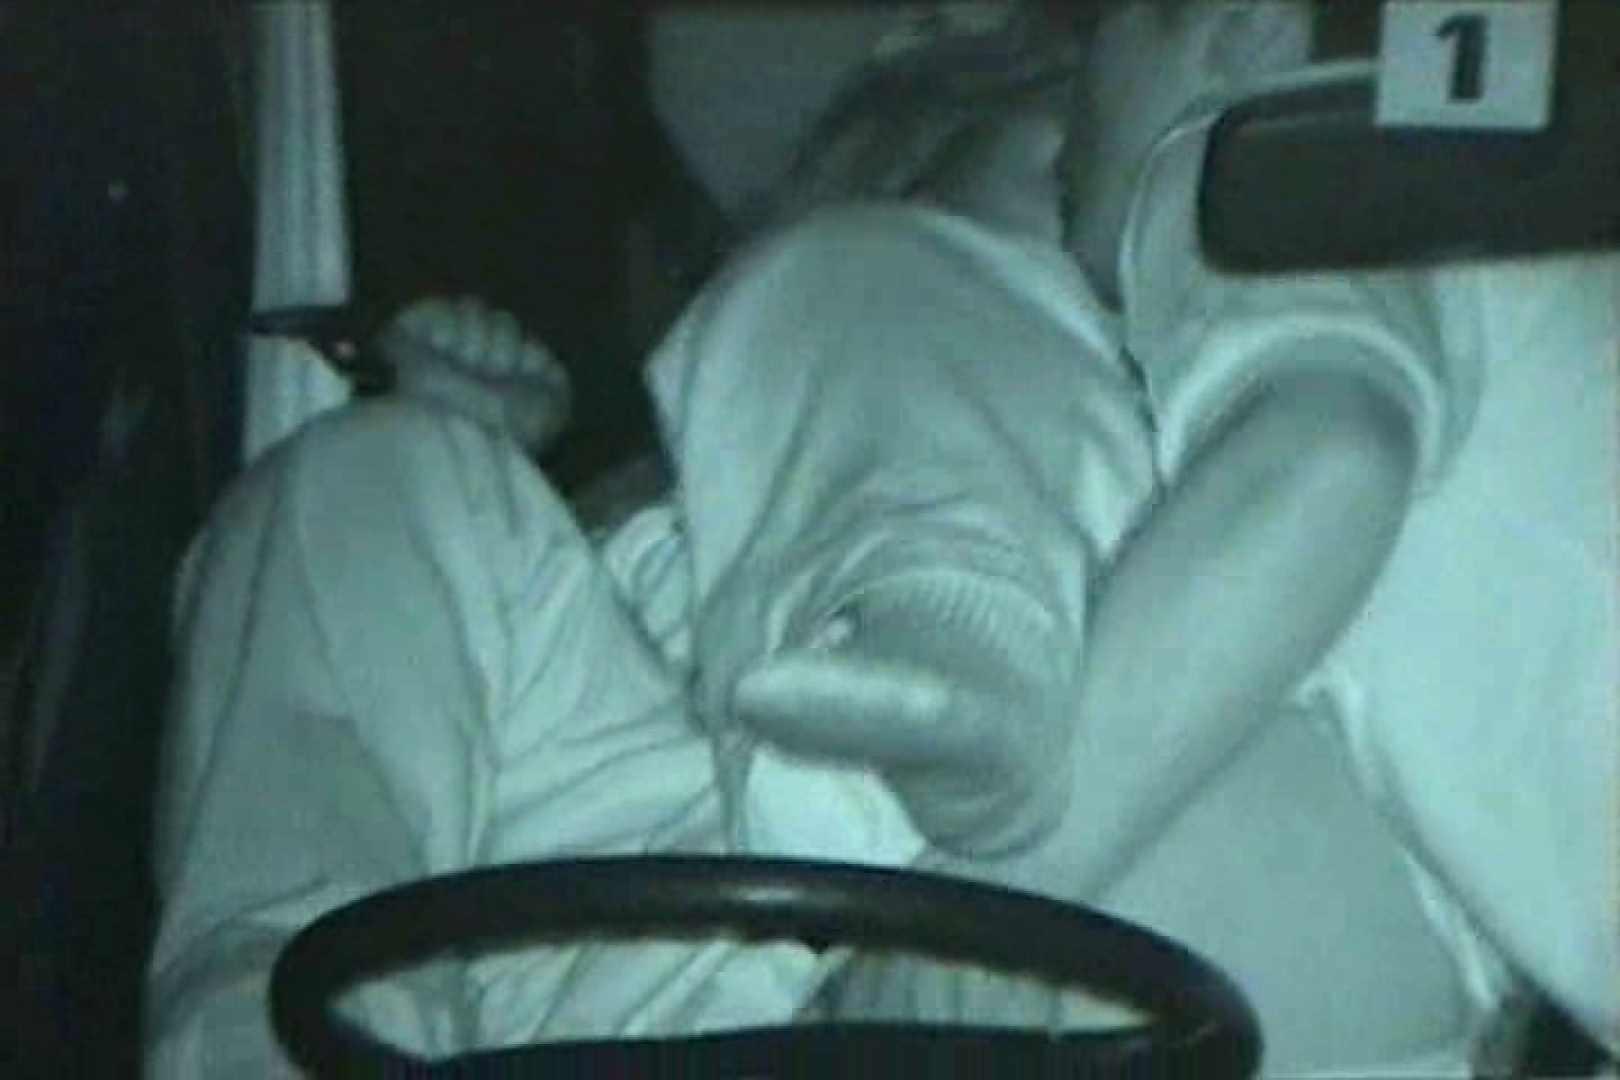 車の中はラブホテル 無修正版  Vol.24 車の中のカップル  102画像 91